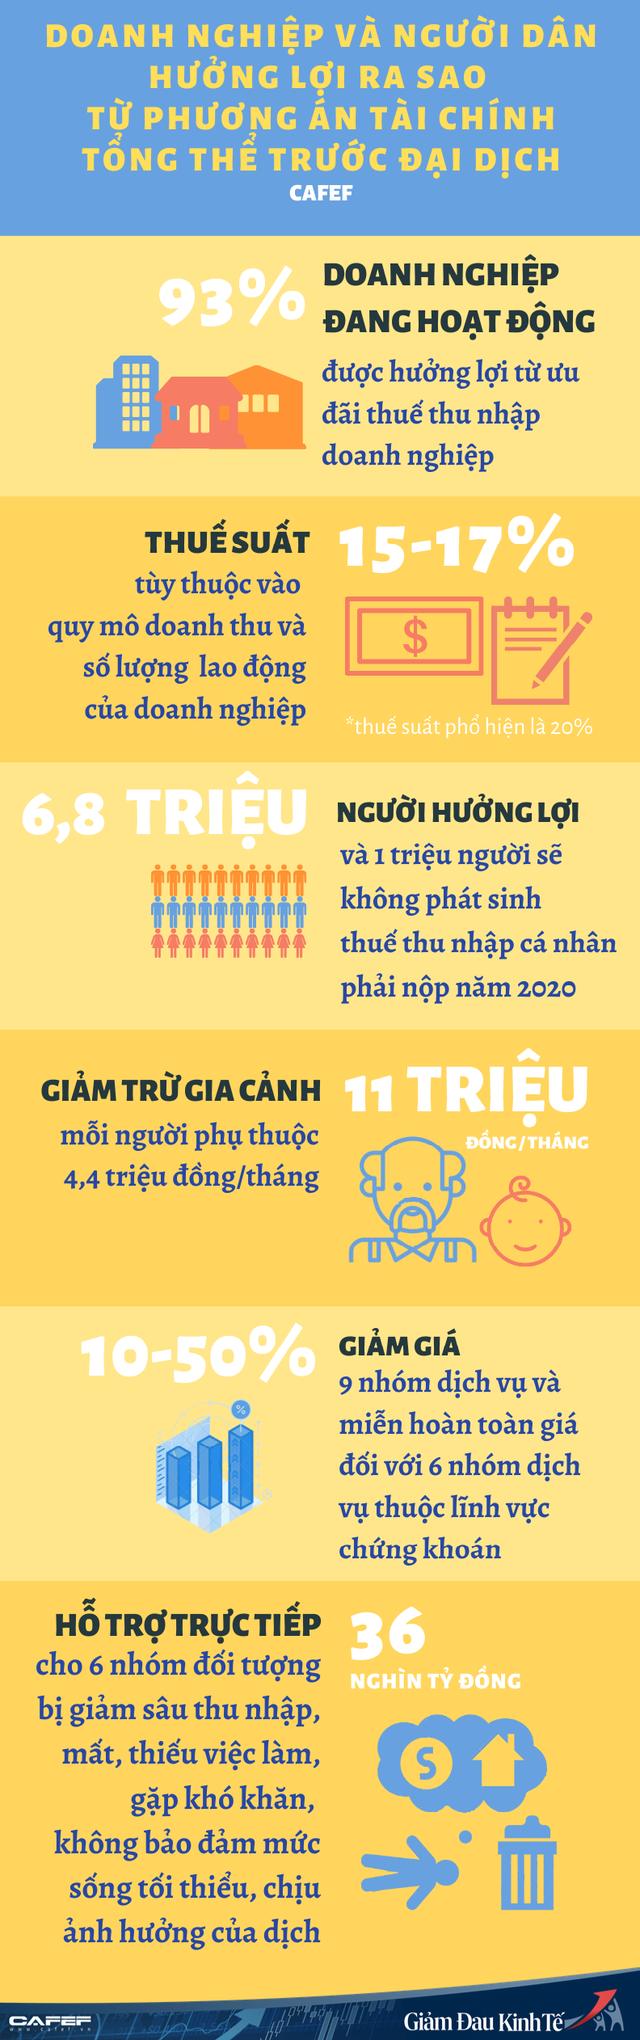 [Infographic] Phương án Tài chính tổng thể trước đại dịch của Bộ Tài chính và những con số quan trọng: Người dân, doanh nghiệp hưởng lợi ra sao? - Ảnh 1.